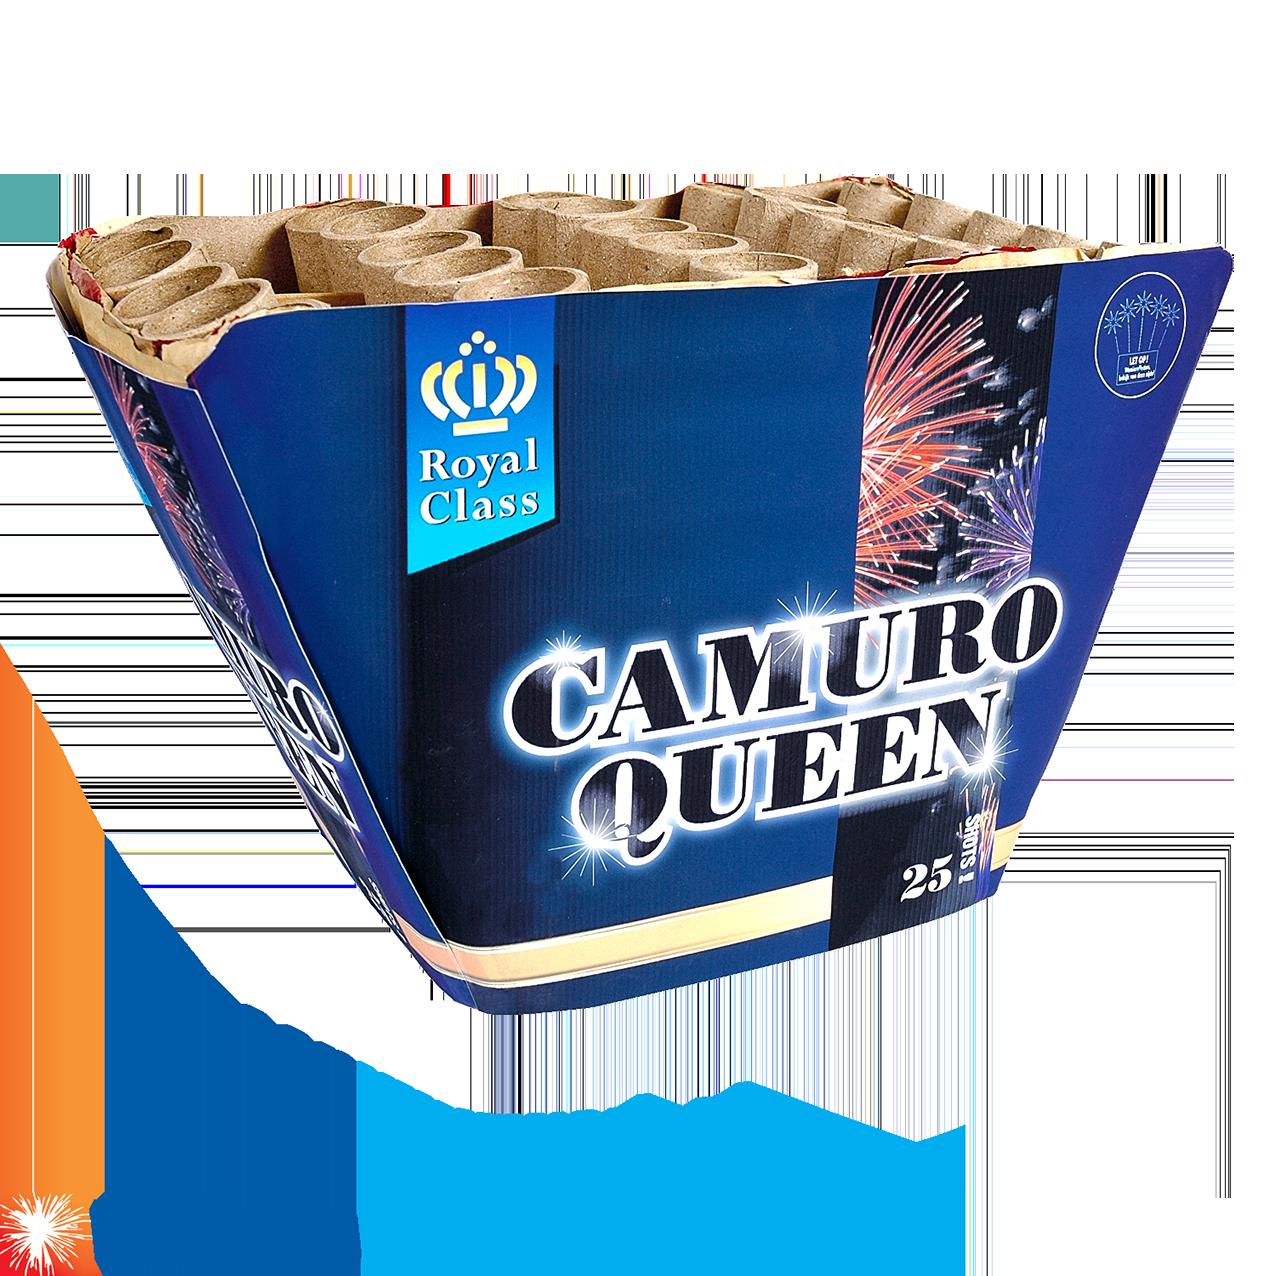 Camuro queen 25's